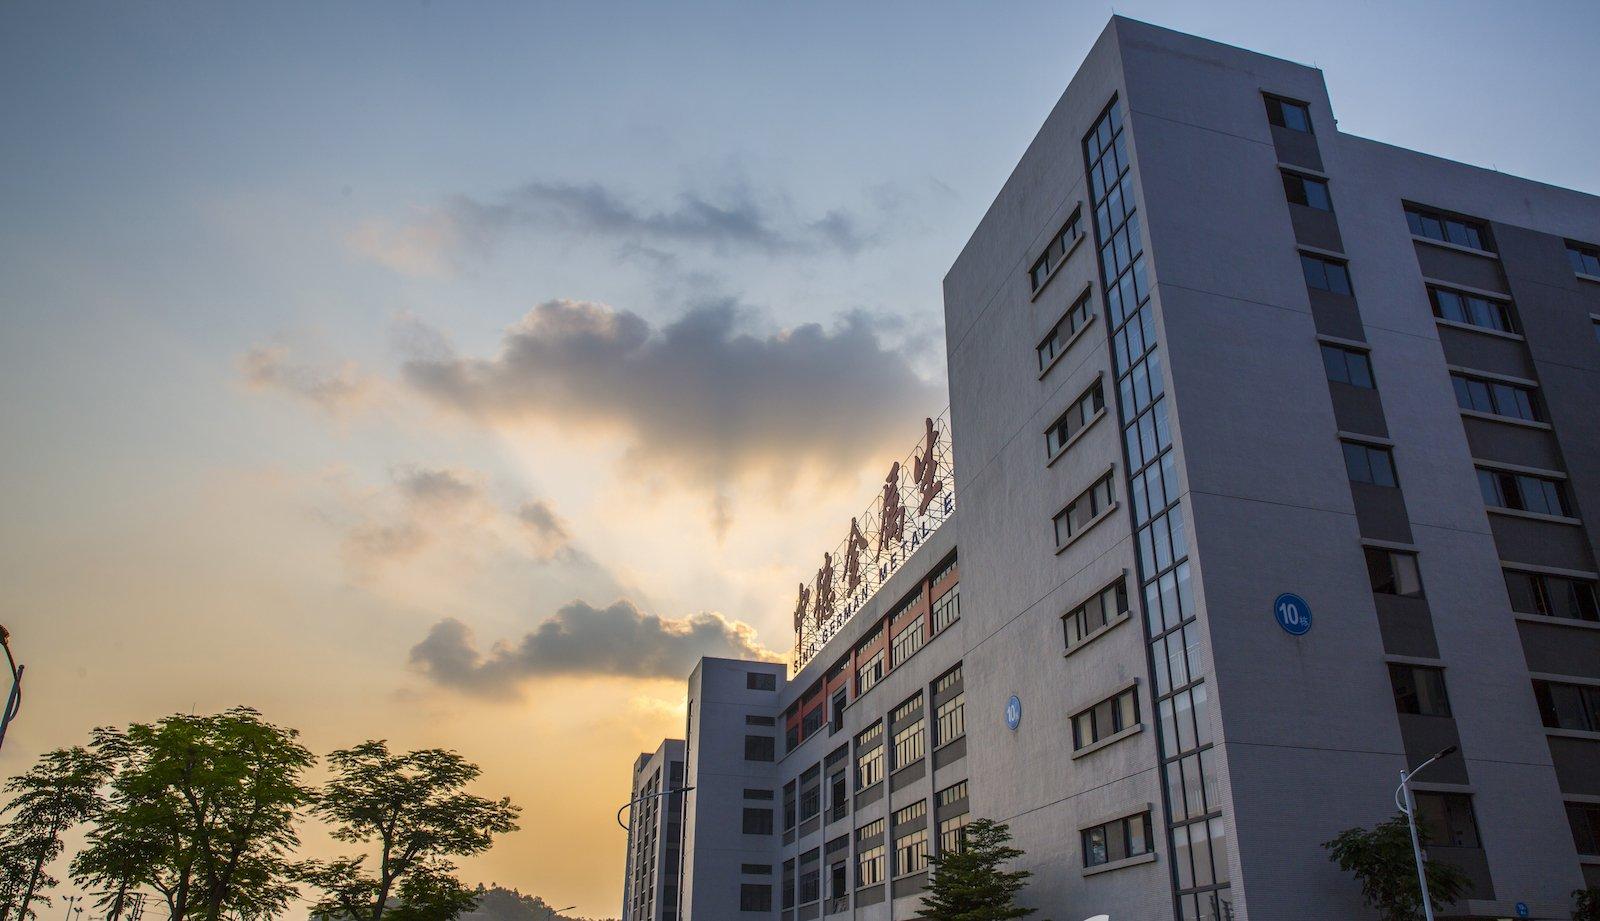 Galvanikproduktion im Einklang mit der Natur – in der Metal Eco City entsteht ein Pilotprojekt für ganz China. Bei derUmsetzungwird auf deutsches Know-how gesetzt.